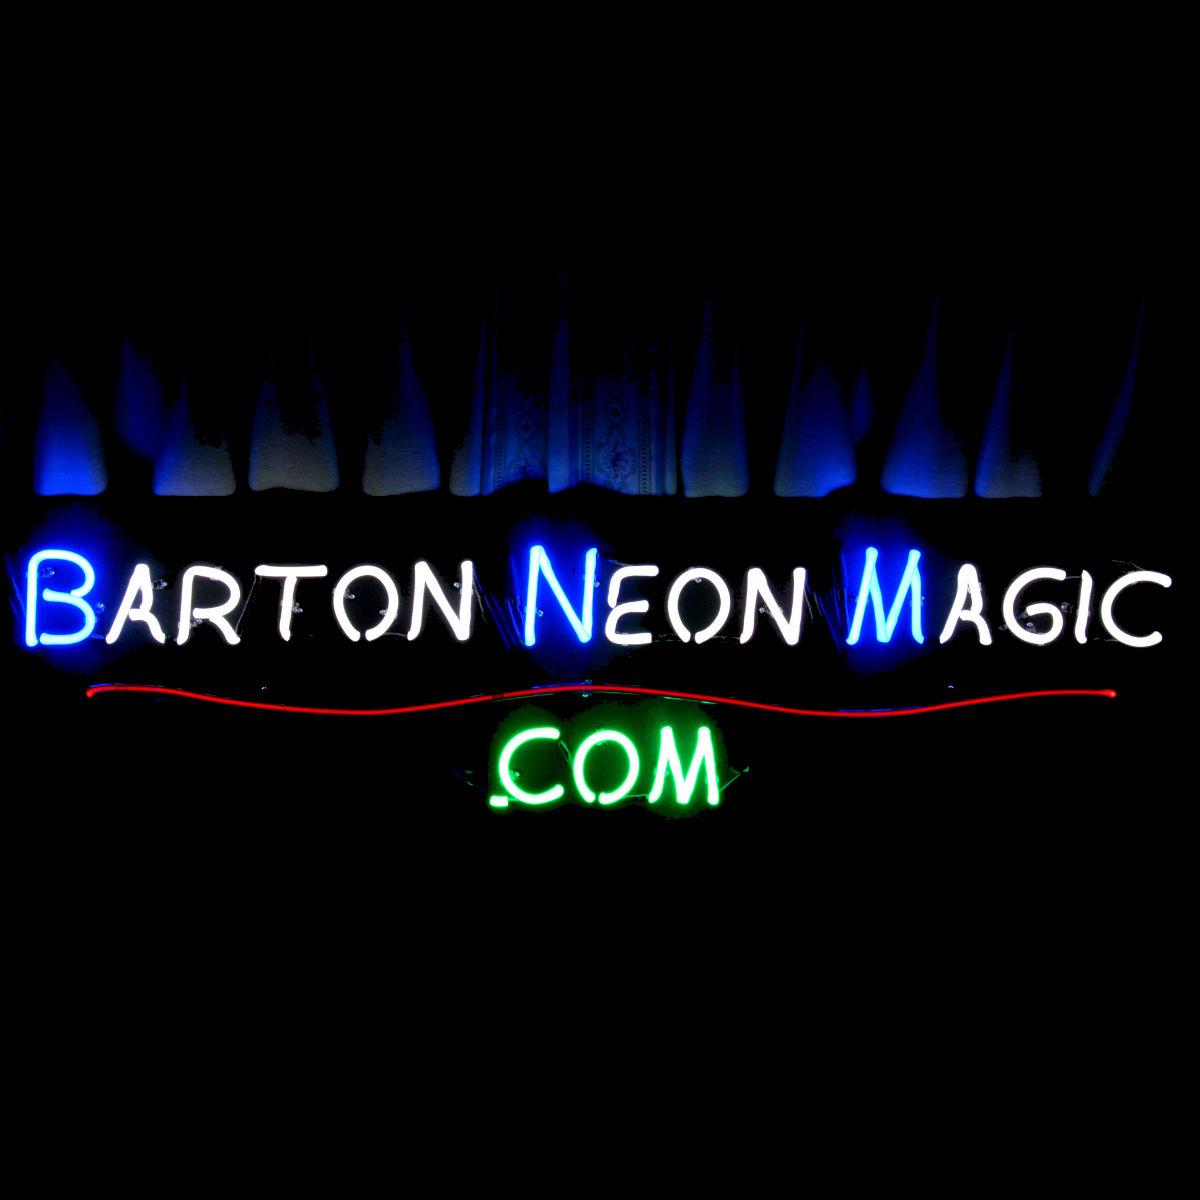 Packard Neon Signs - hand-blown by John Barton - former Packard New Car Dealer - BartonNeonMagic.com